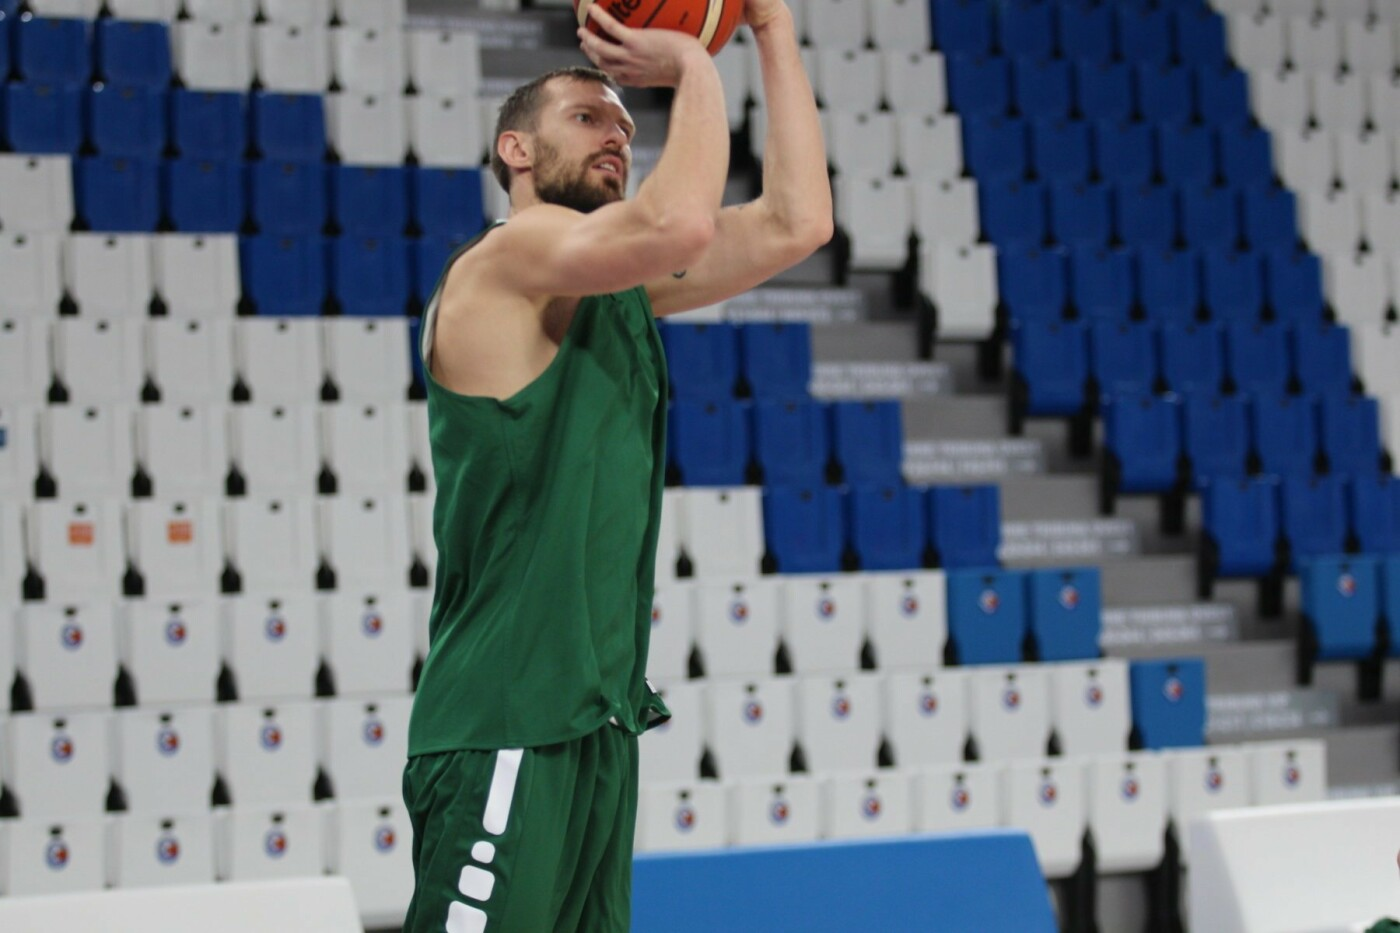 Lietuvos vyrų krepšinio rinktinė surengė vienintelę treniruotę Italijoje, nuotrauka-16